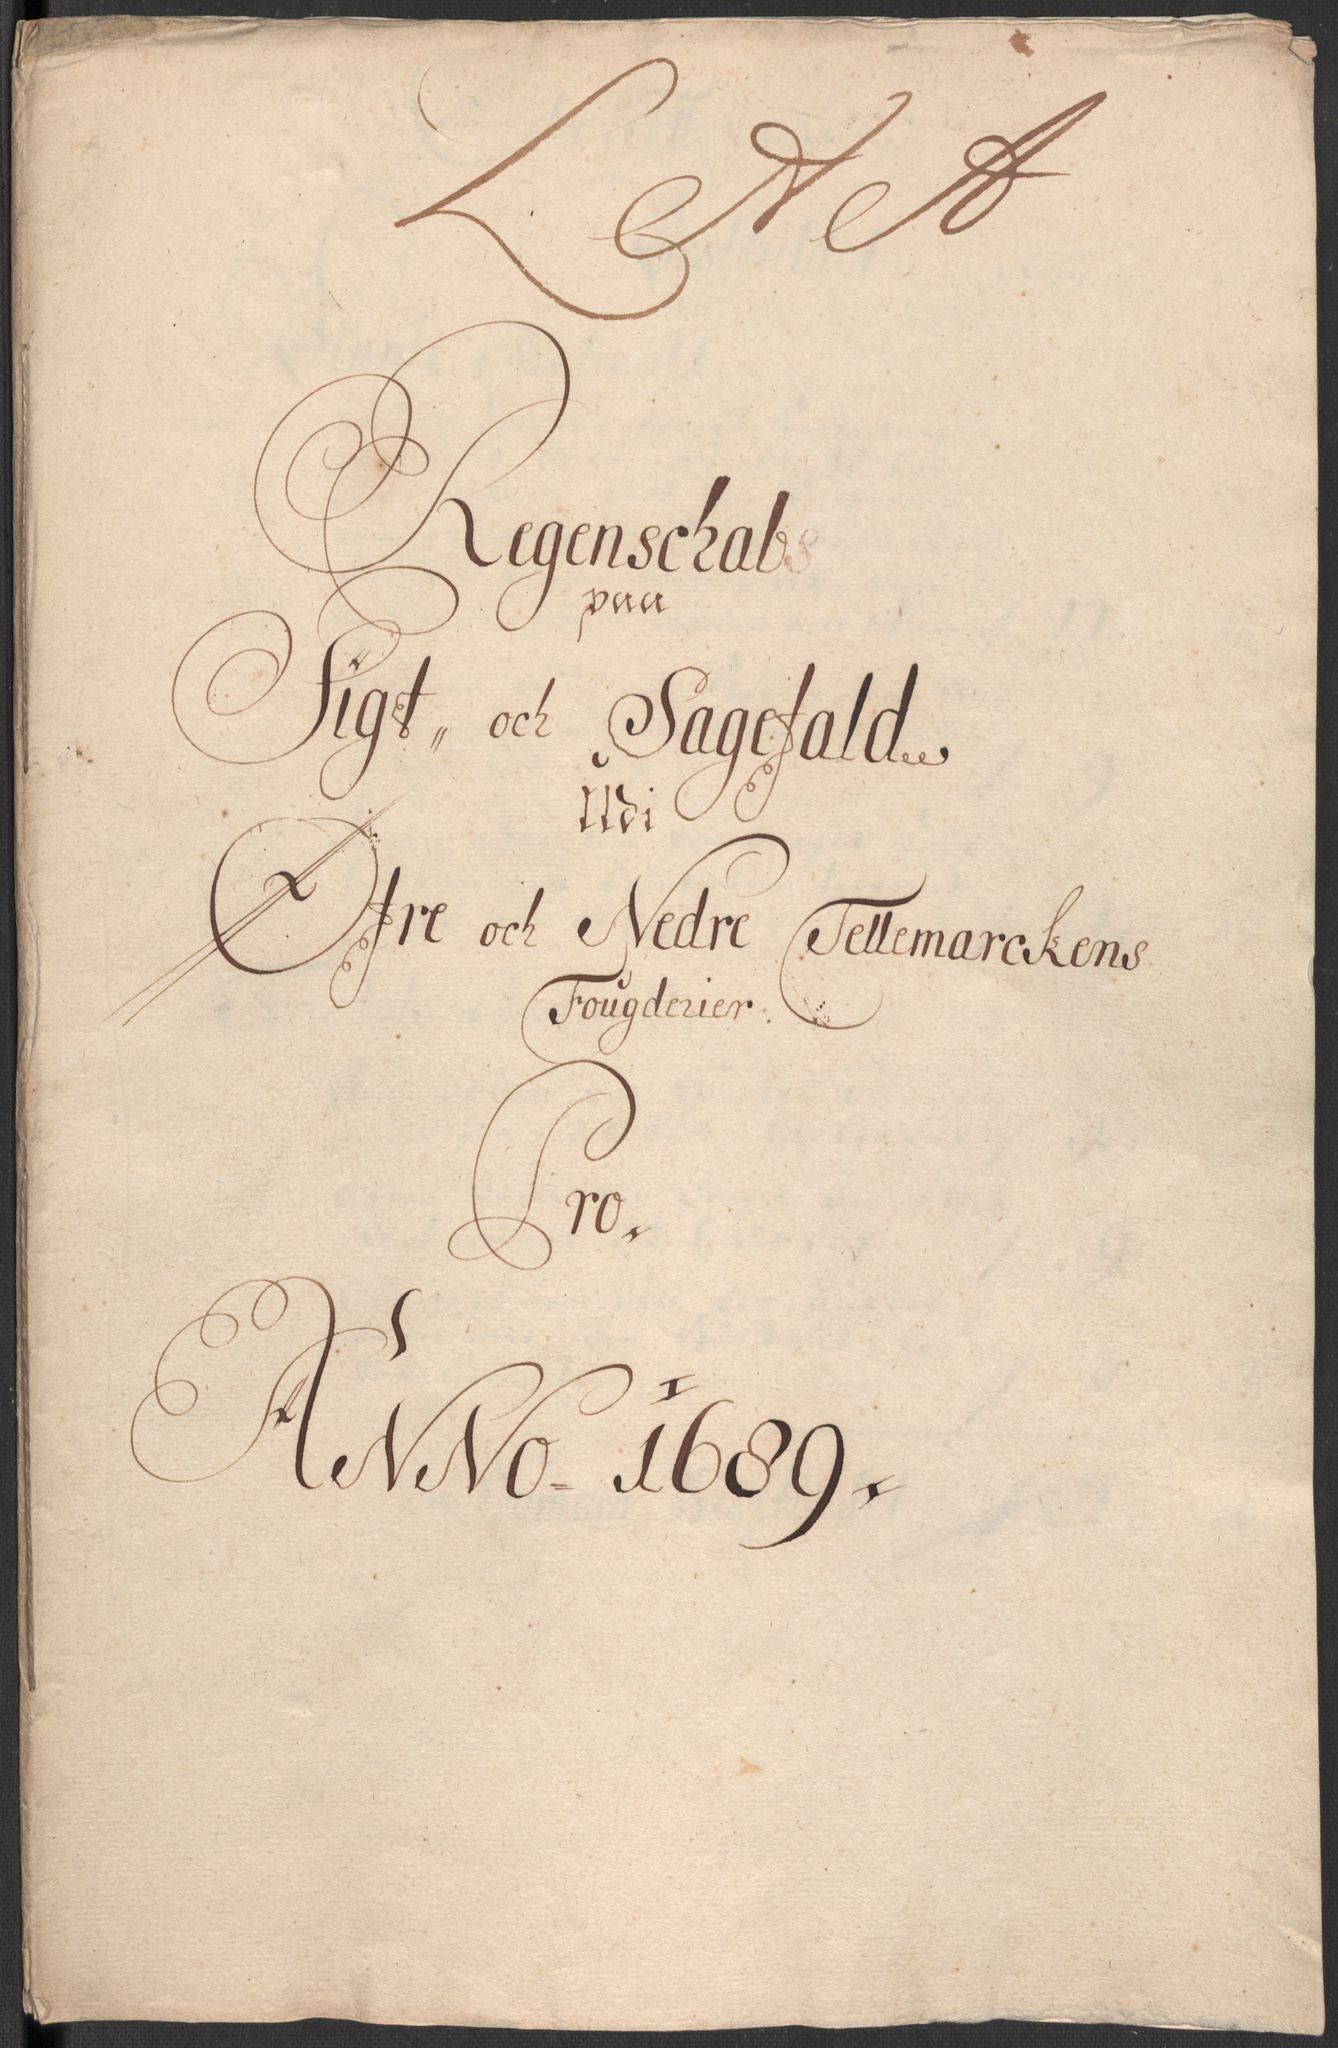 RA, Rentekammeret inntil 1814, Reviderte regnskaper, Fogderegnskap, R35/L2088: Fogderegnskap Øvre og Nedre Telemark, 1687-1689, s. 3